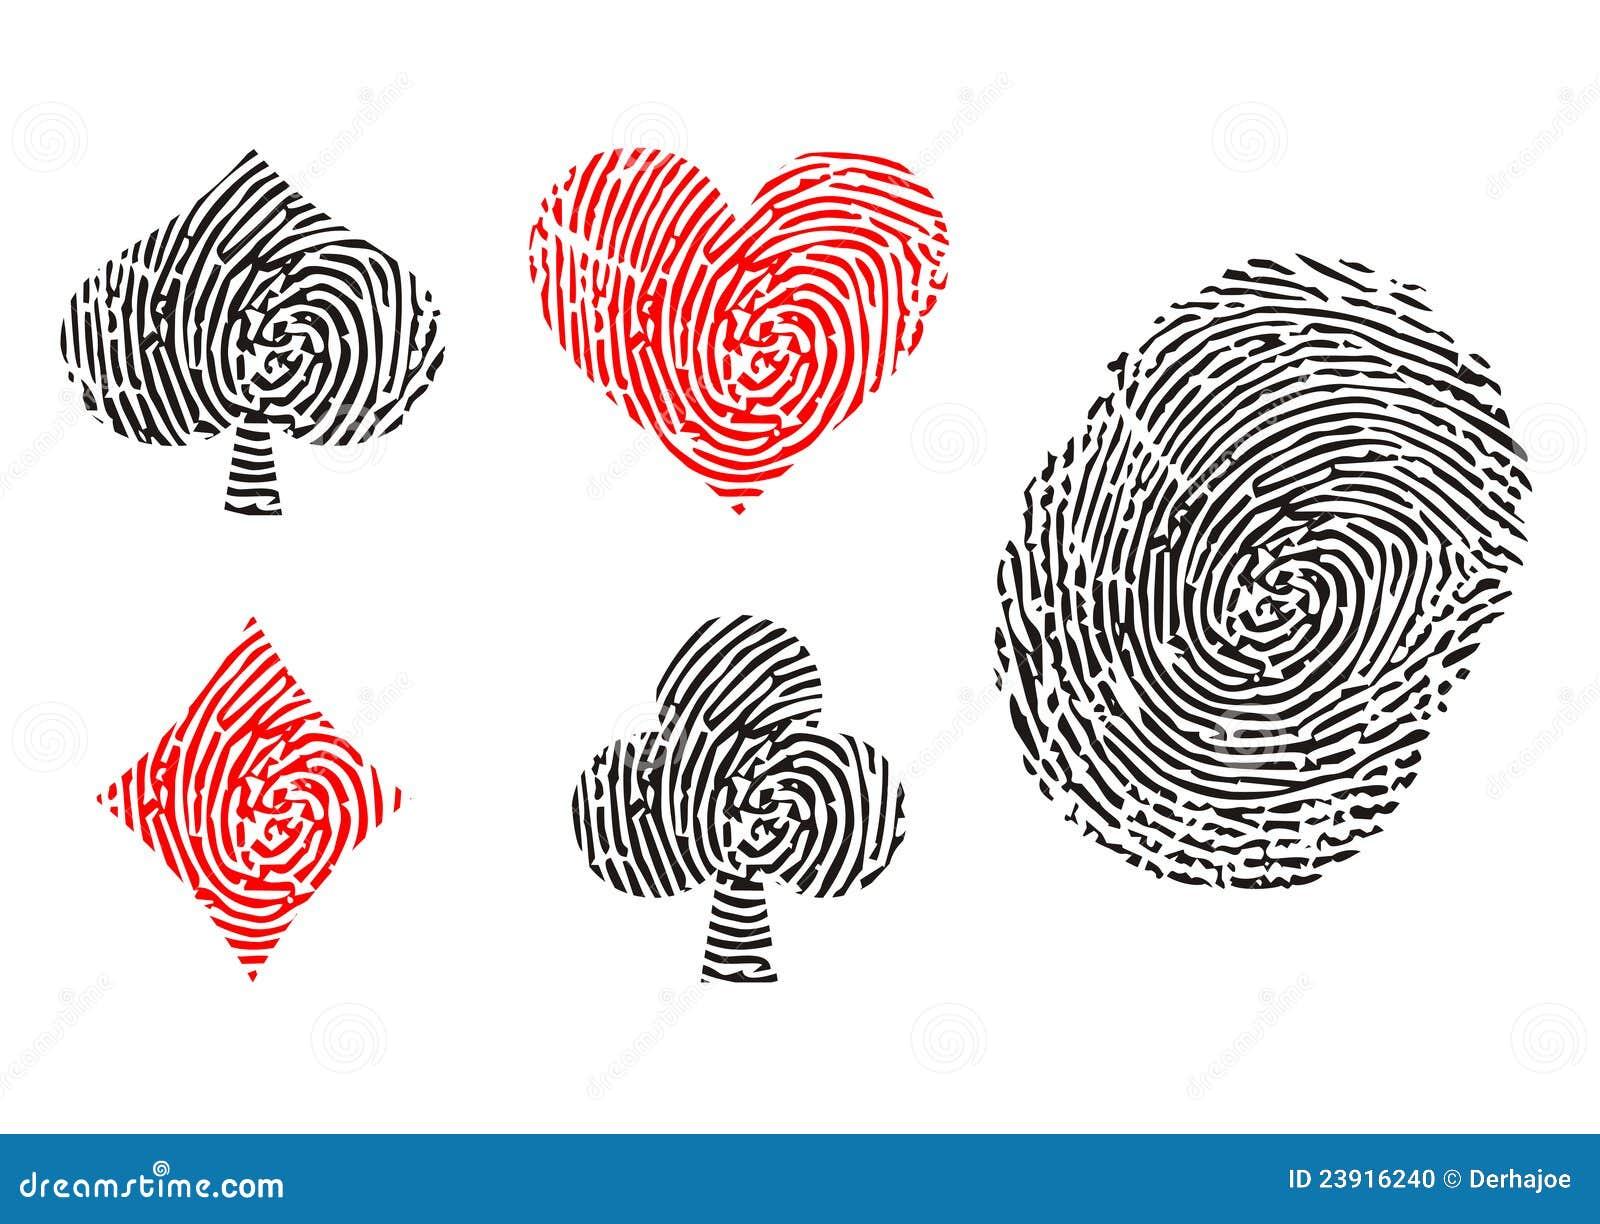 Playing Card Symbols Stock Photo Image 23916240